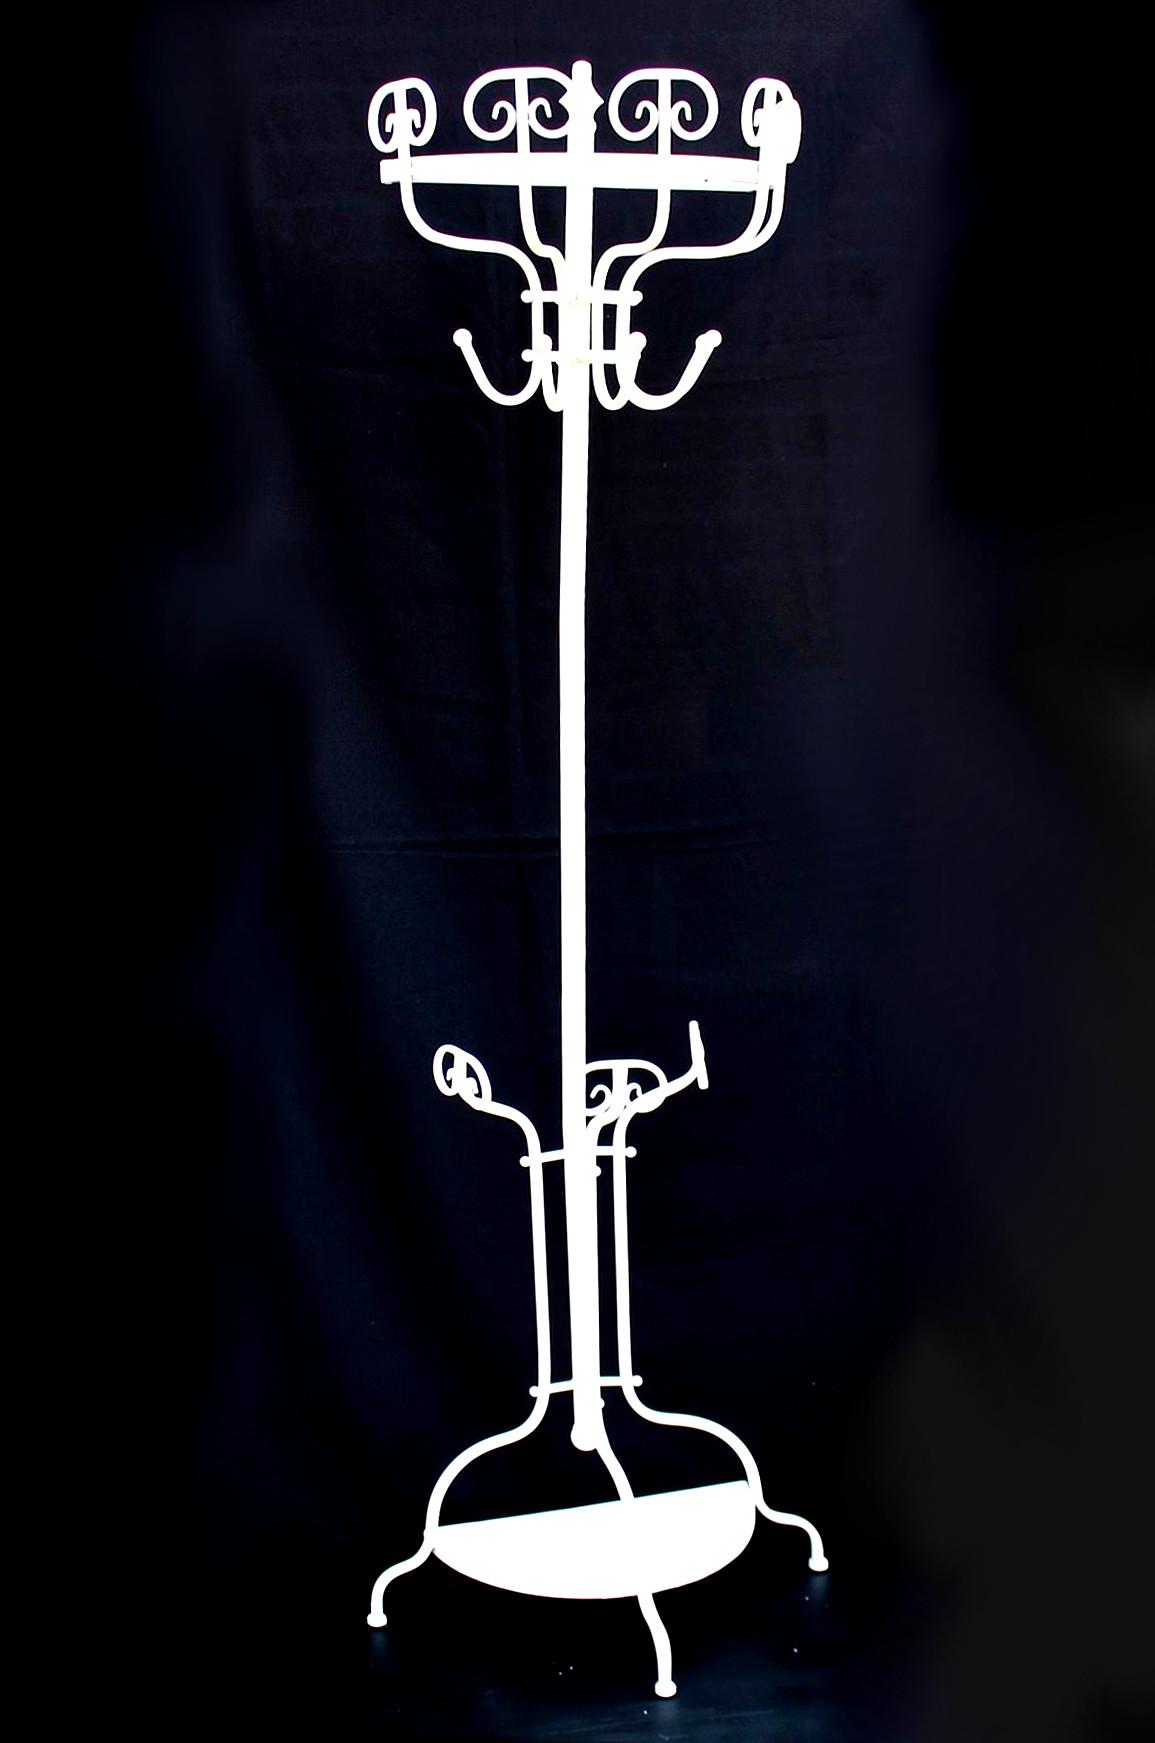 Garderobe halbrund 95306 wandgarderobe 175 cm wei for Garderobe halbrund